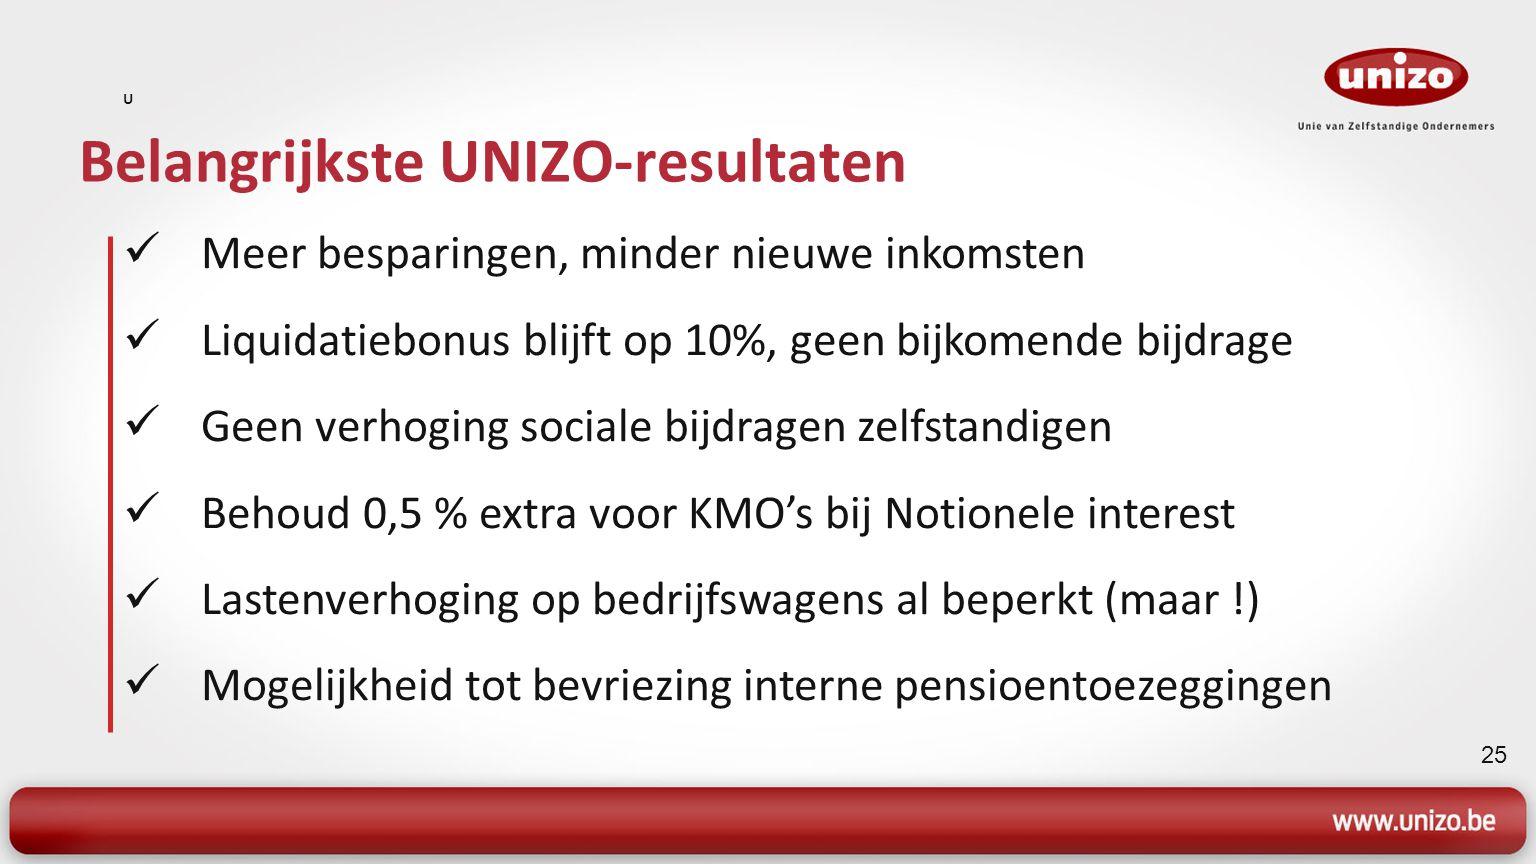 25 Belangrijkste UNIZO-resultaten U Meer besparingen, minder nieuwe inkomsten Liquidatiebonus blijft op 10%, geen bijkomende bijdrage Geen verhoging s